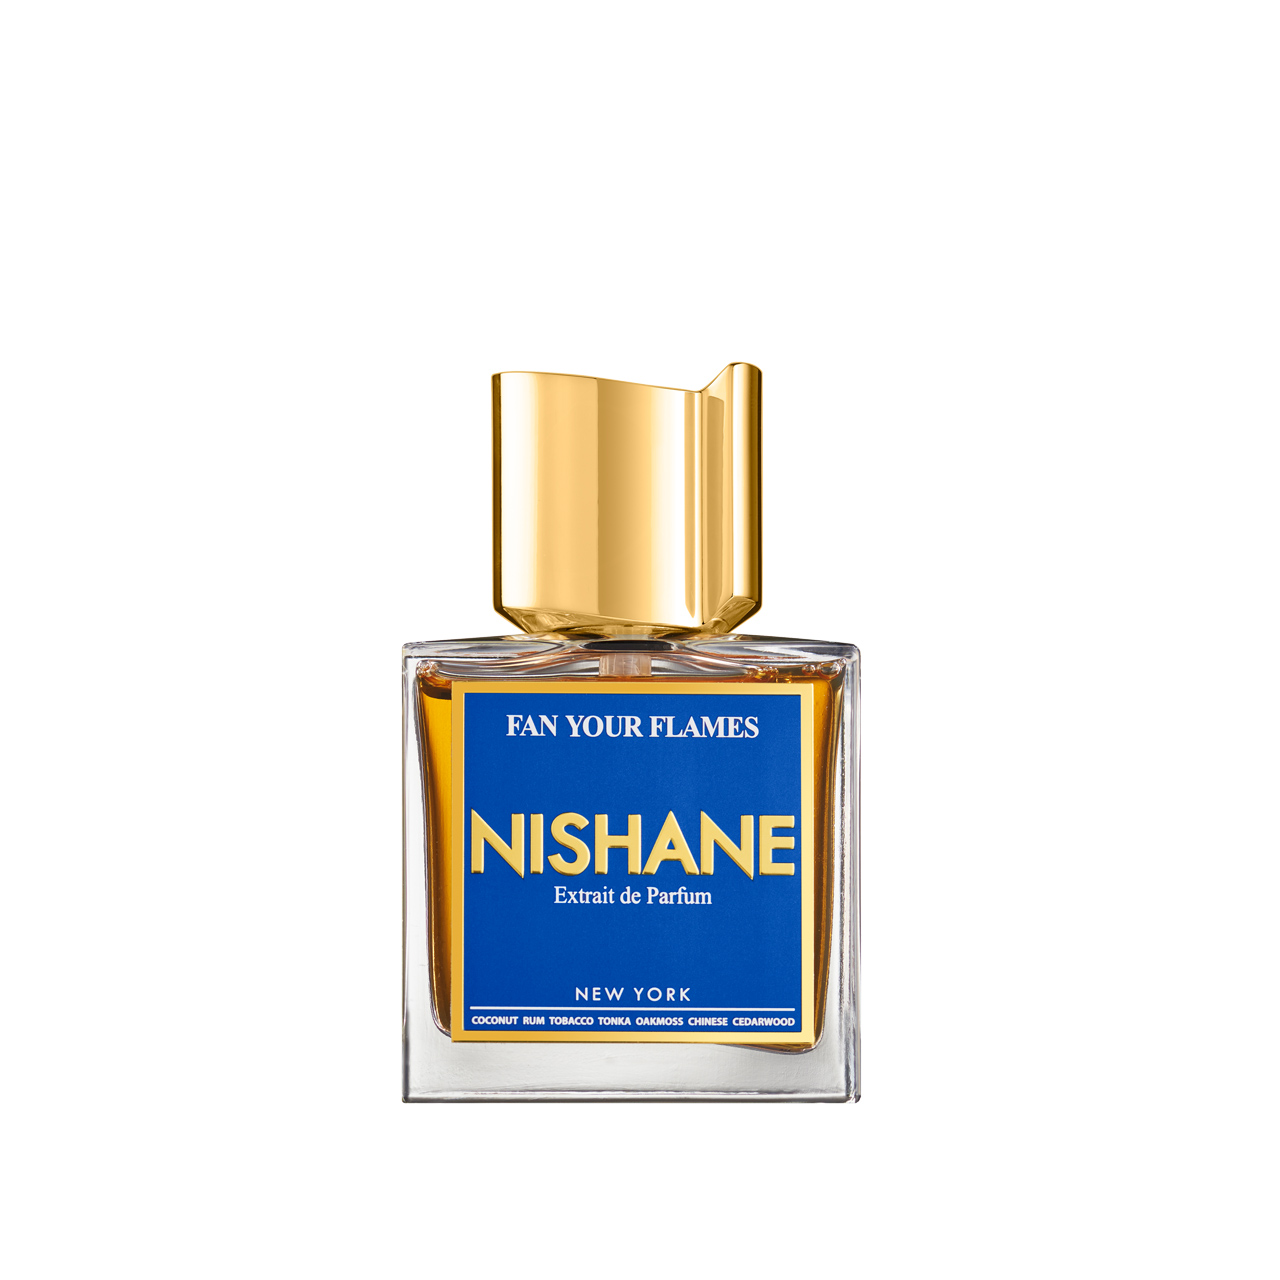 Fan Your Flames - Extrait de Parfum